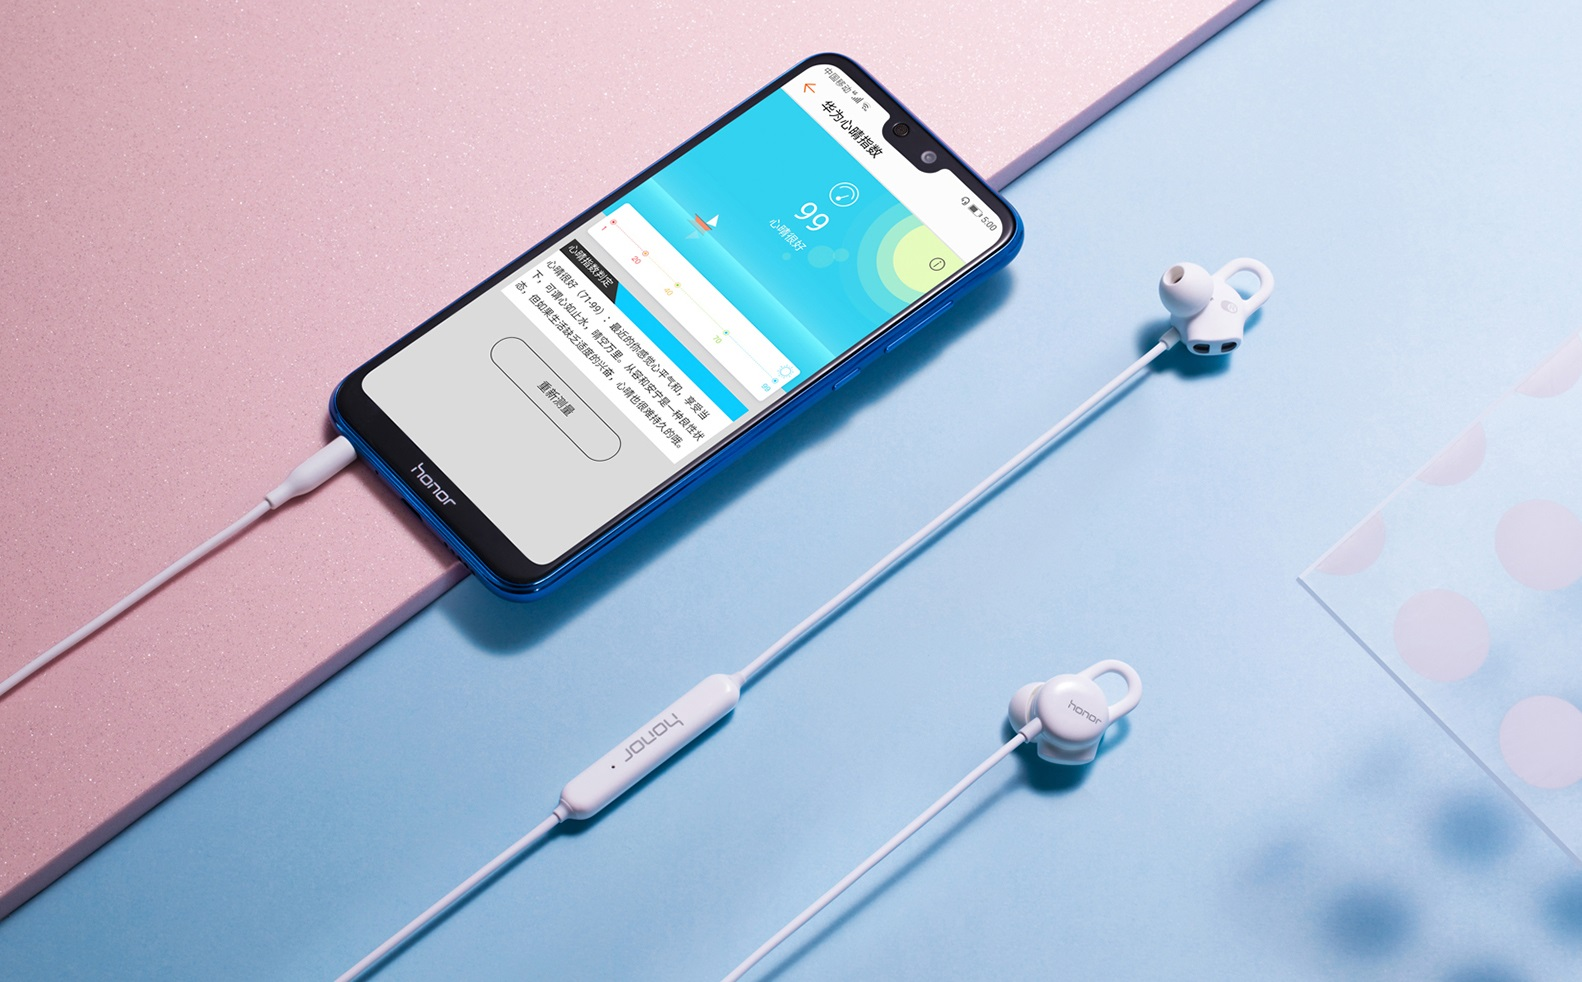 Наушники Honor earphones могут замерить ваш пульс